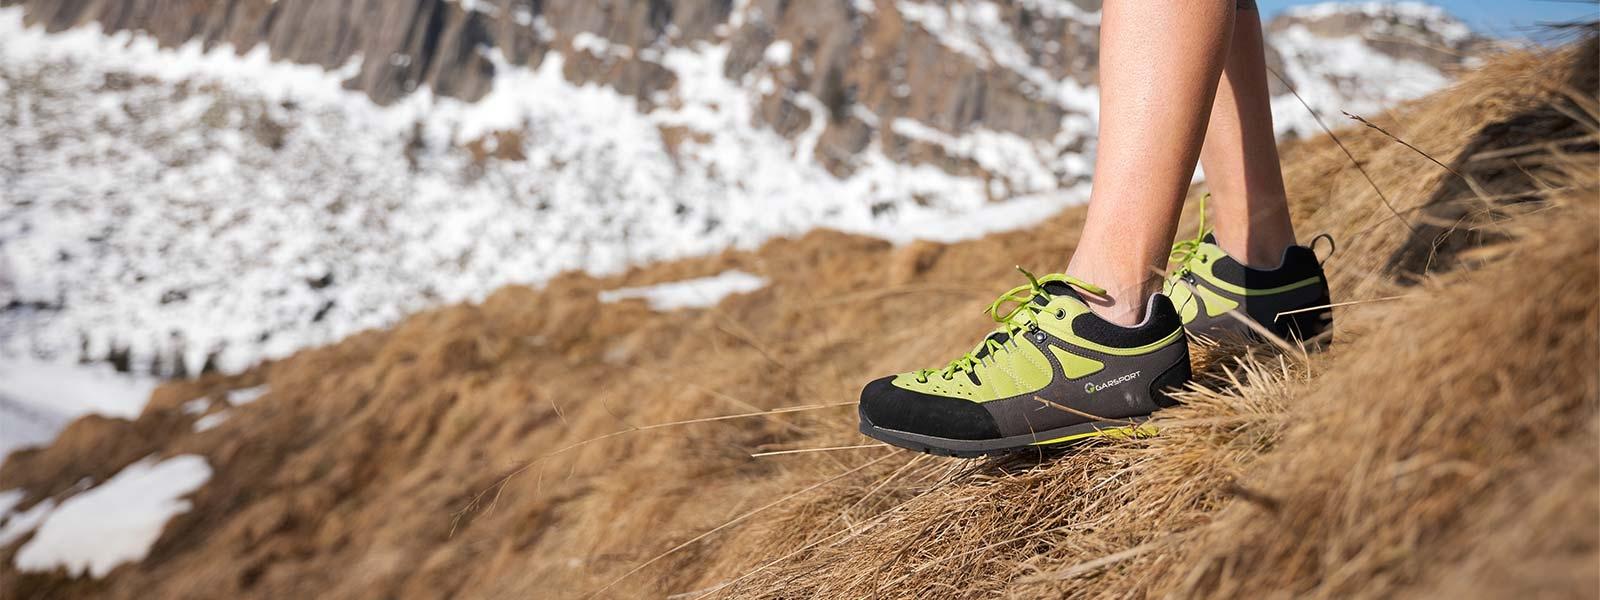 Approach Garsport trekking approach shoes Vibram sole